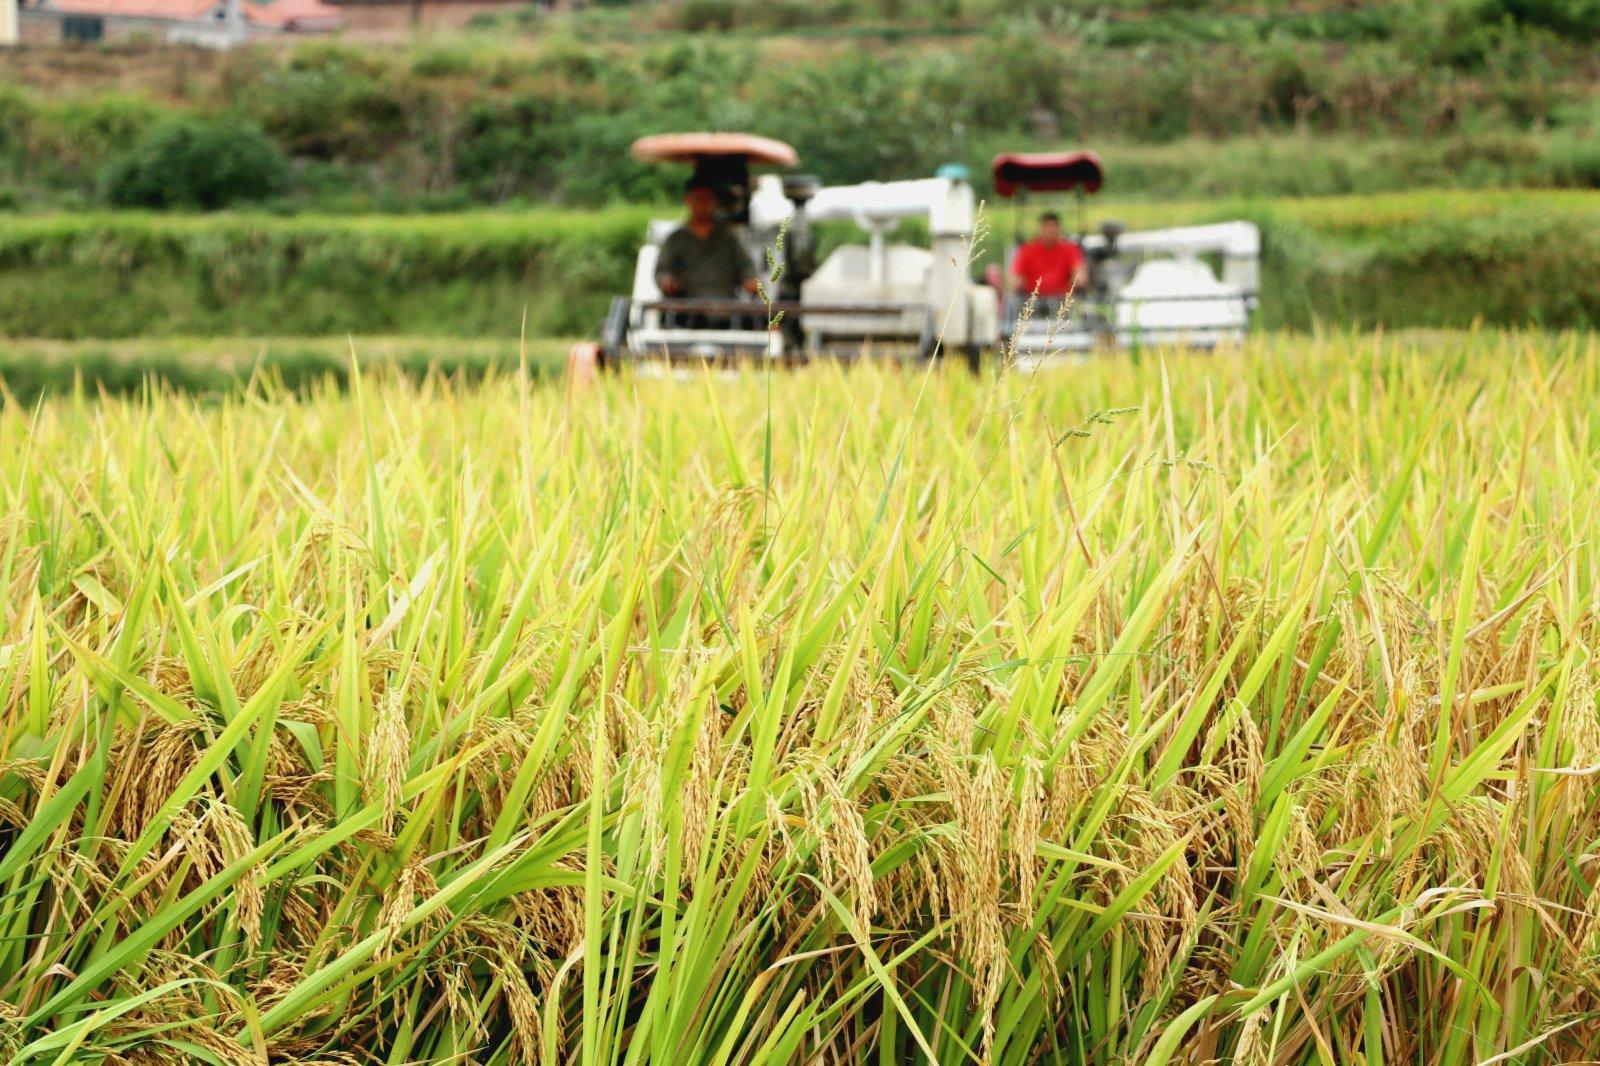 9月7日,在湖南省漣源市橋頭河鎮東石村,村民駕駛收割機收穫稻穀。(新華社)